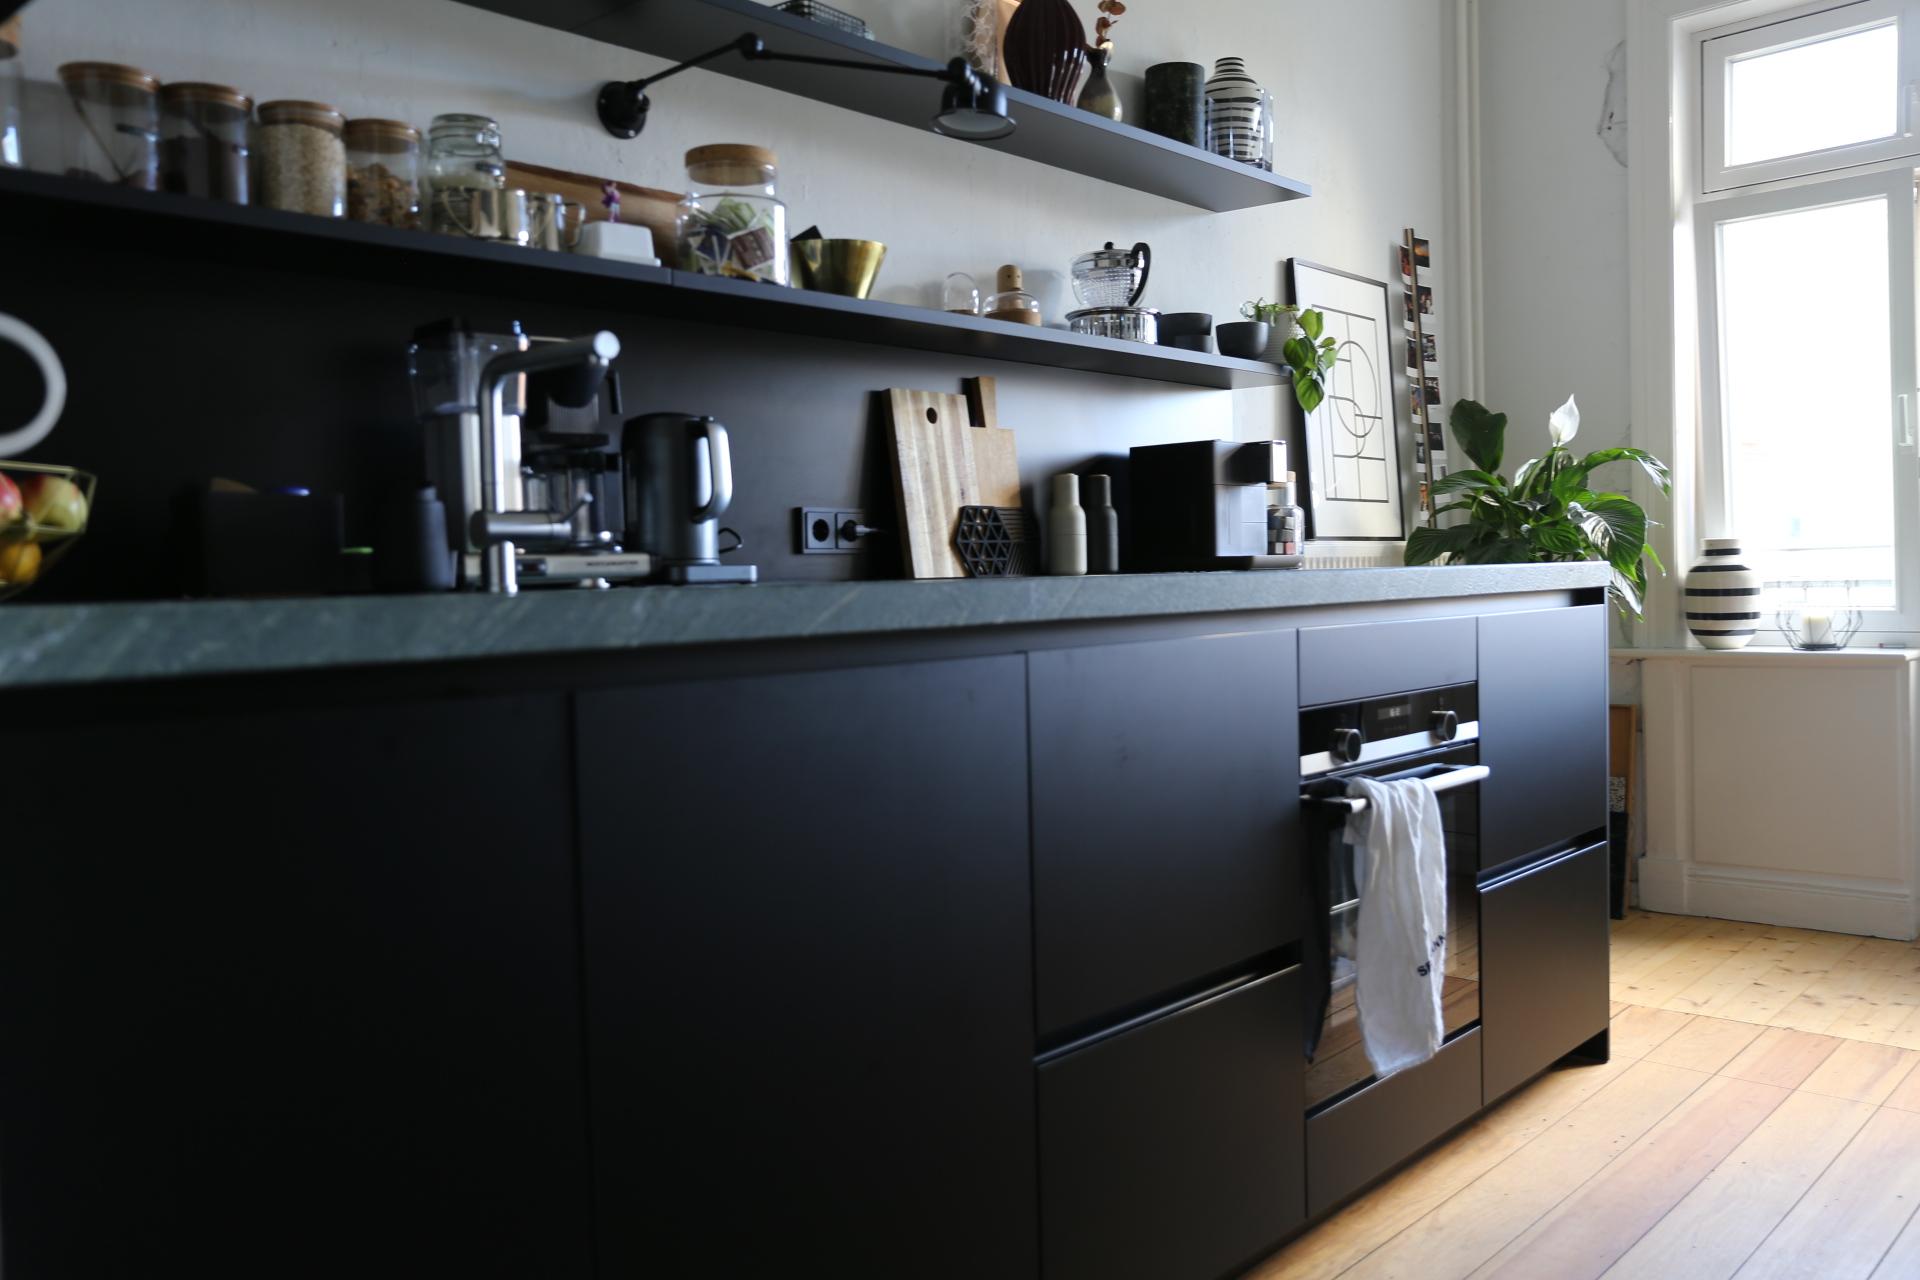 Full Size of Schwarze Küche Ohne Oberschränke Schwarze Küche Matt Ikea Schwarze Küche Nachteile Was Ist Eine Schwarze Küche Küche Schwarze Küche